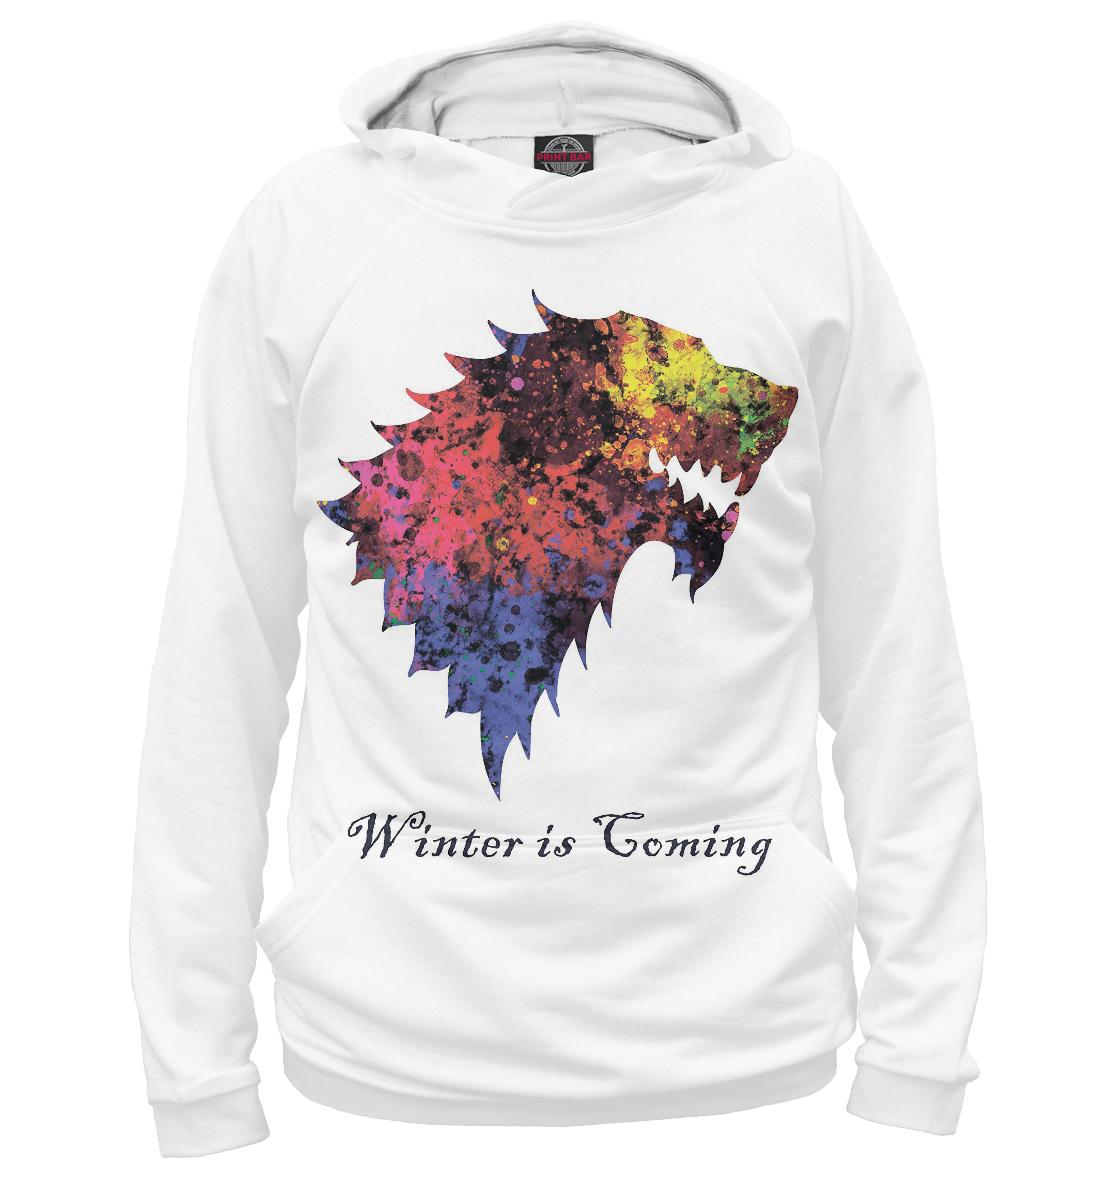 Купить Зима близко, Printbar, Худи, IGR-382495-hud-1